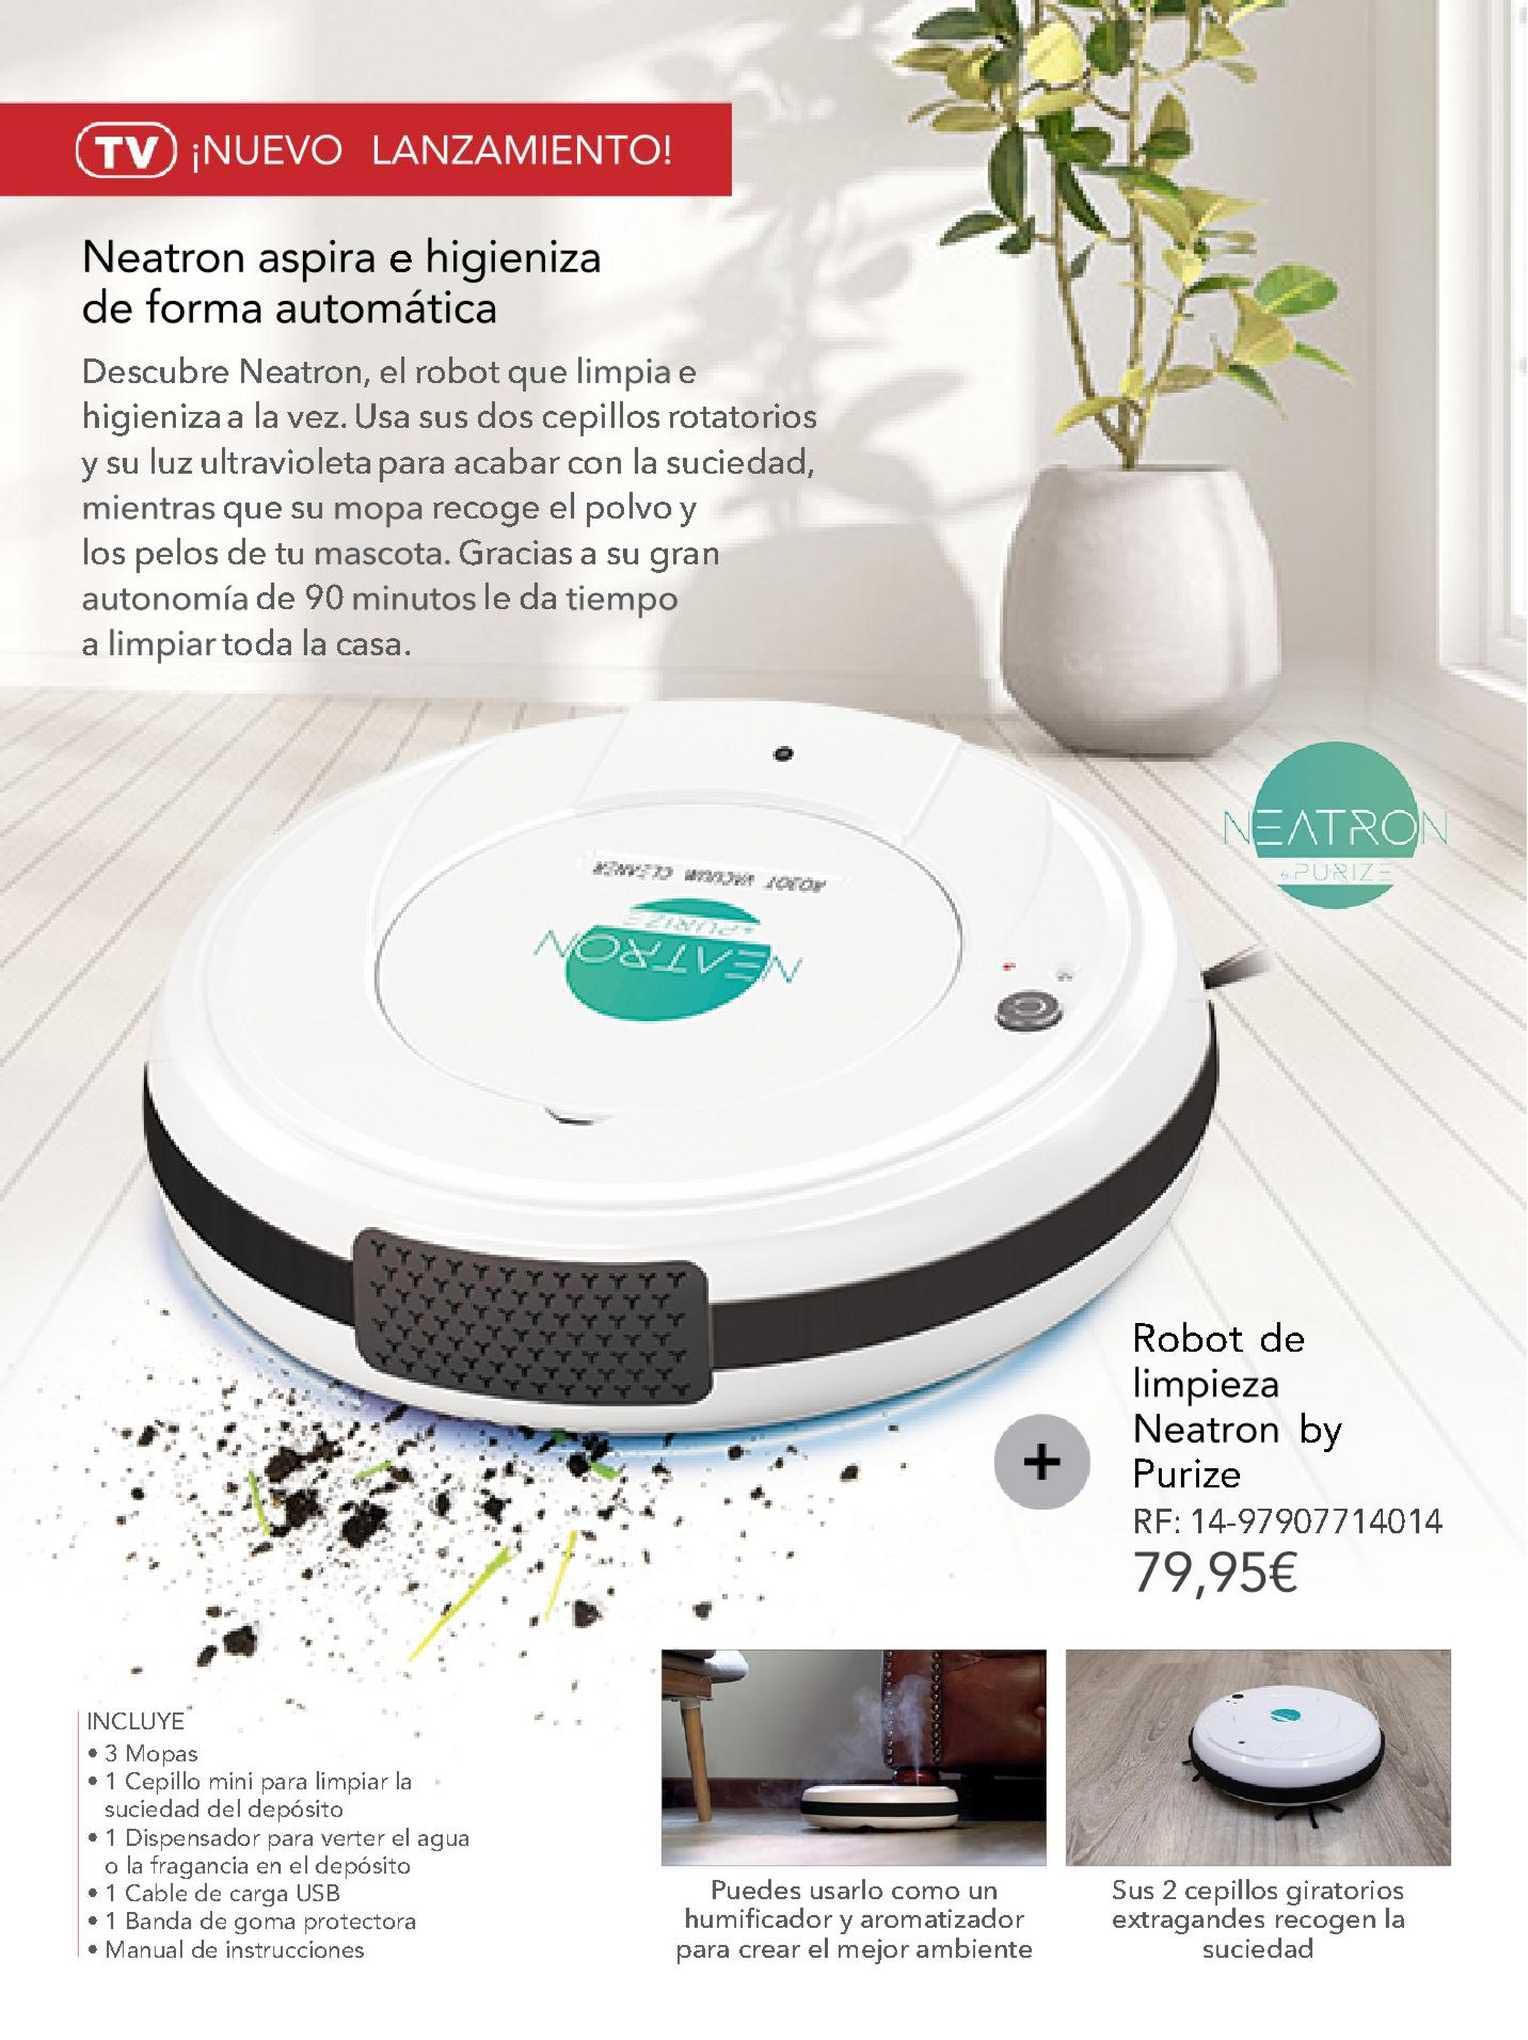 La Tienda En Casa Robot De Limpieza Neatron By Purize